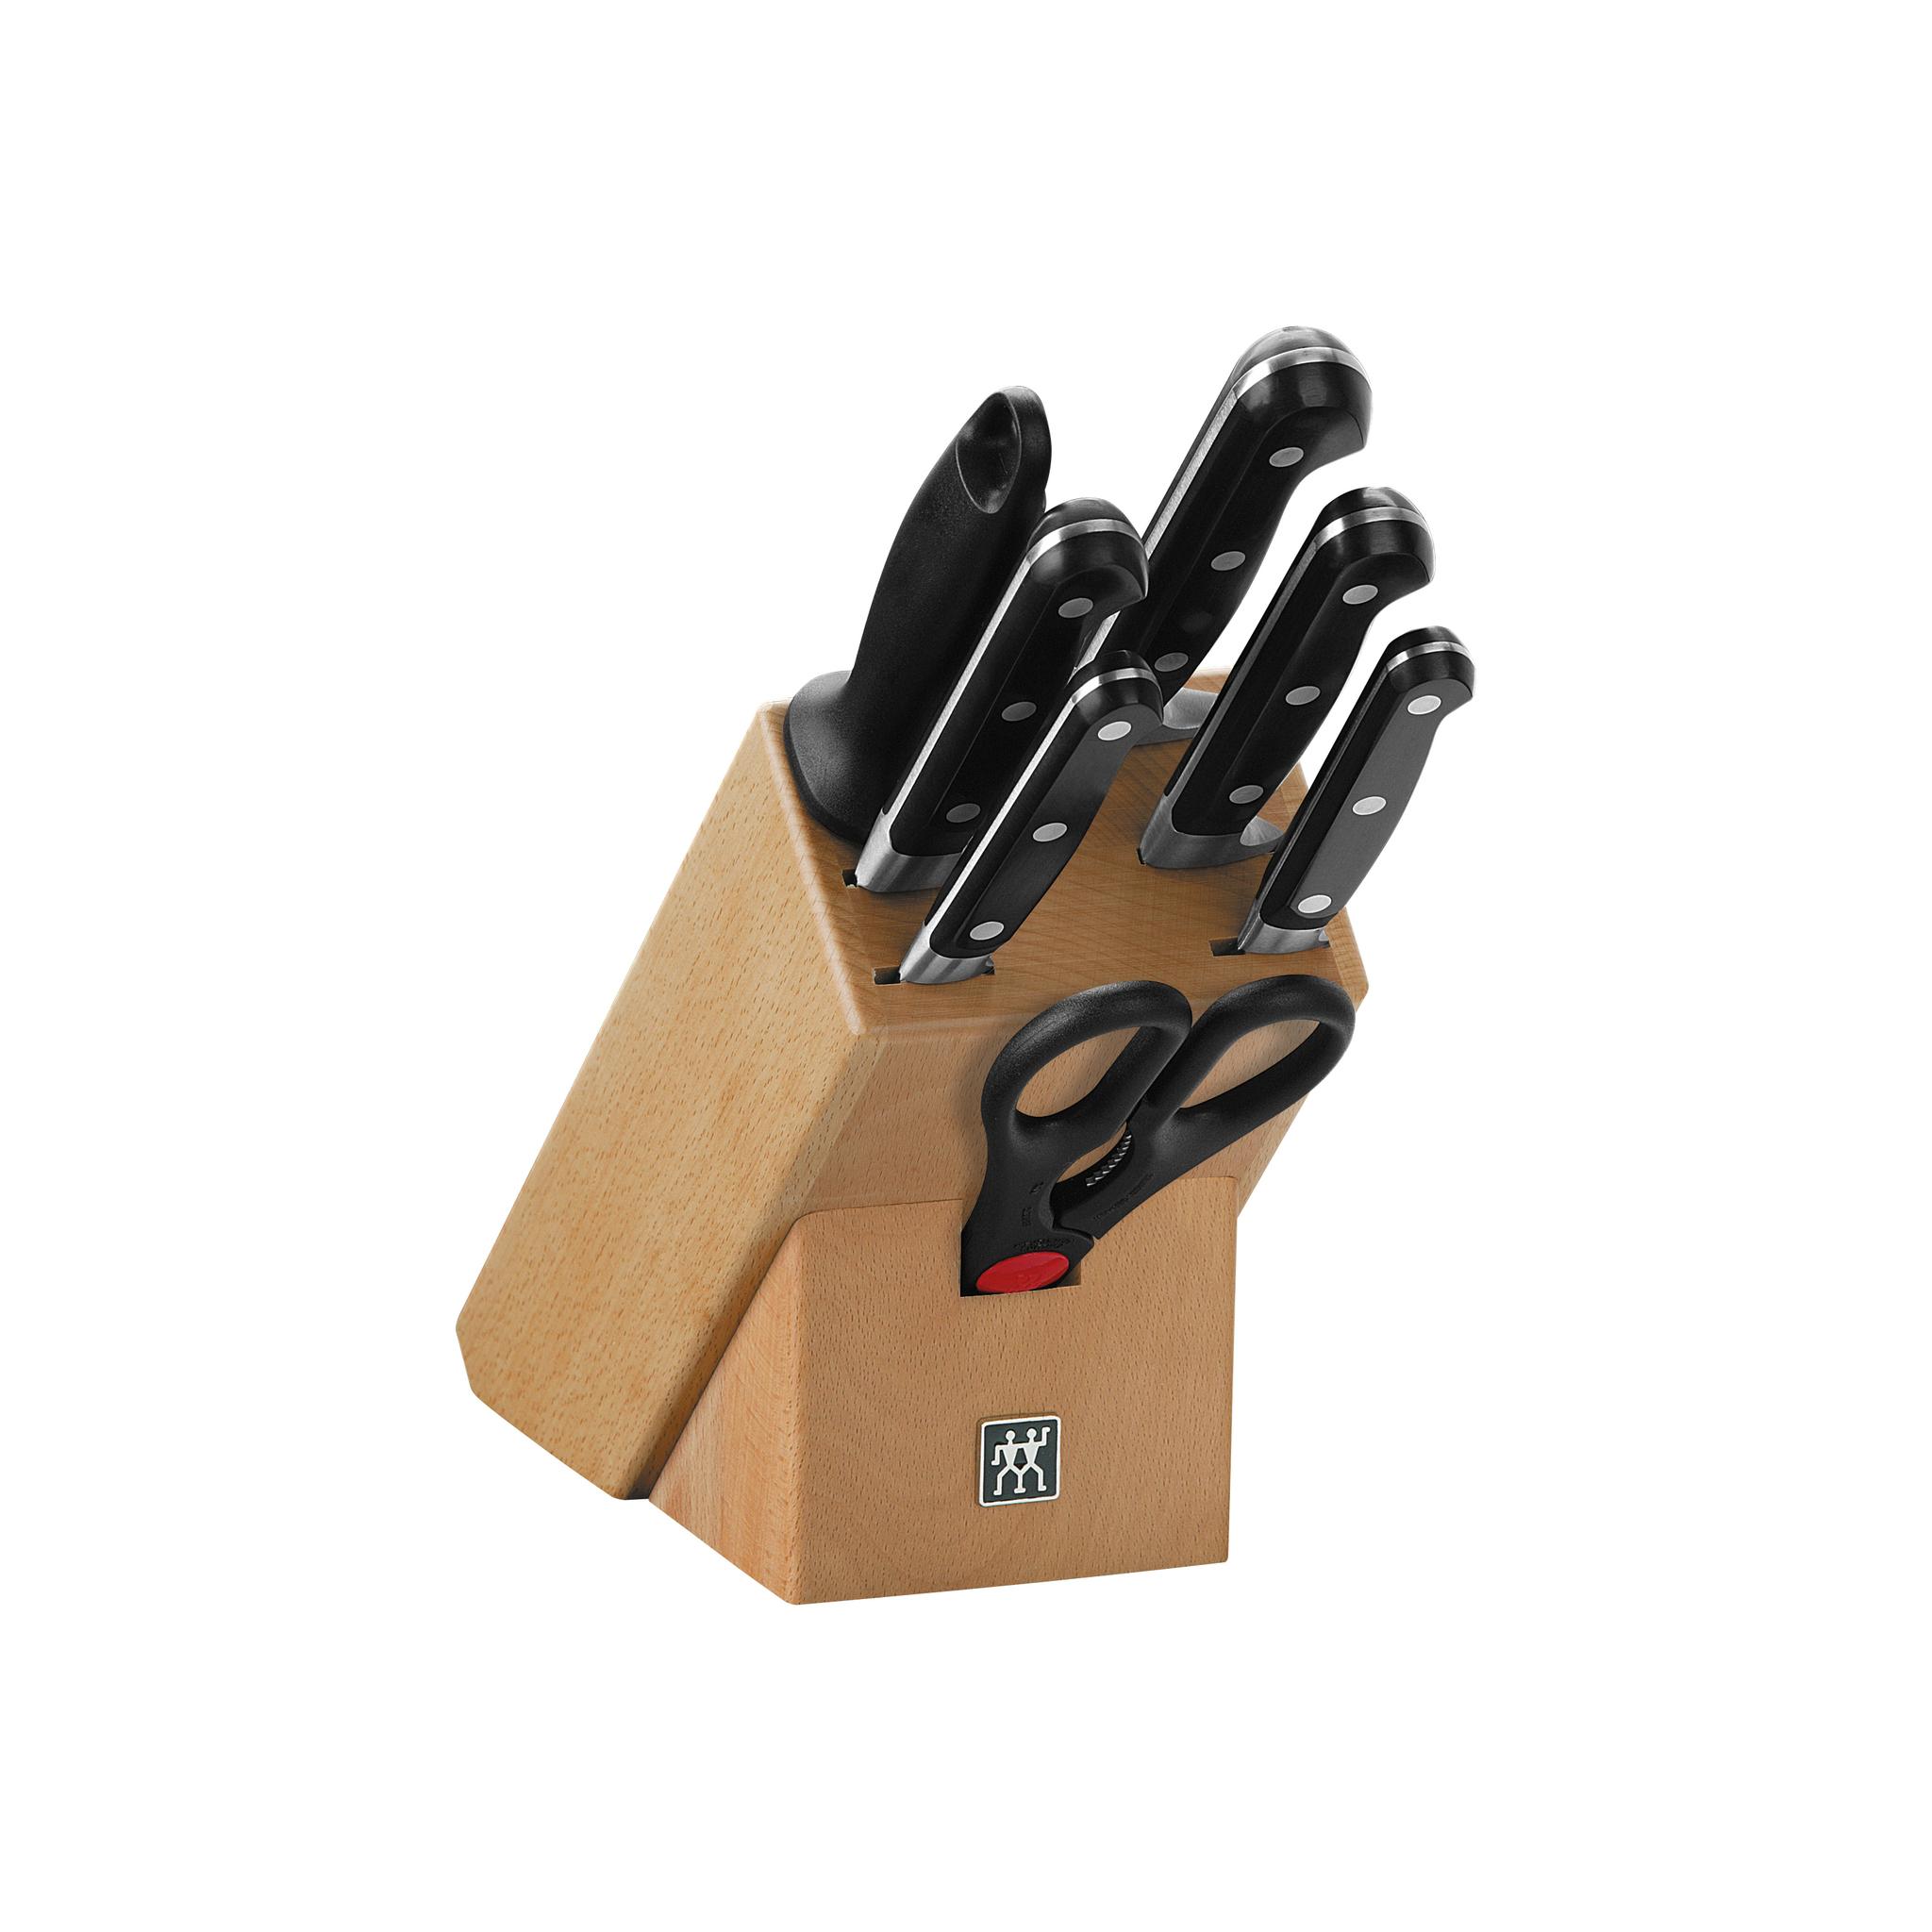 Набор из 5 ножей, мусата и ножниц в подставке Zwilling Professional S 35662-000Наборы однослойных ножей (от-2300руб.)<br>Набор из 5 ножей, мусата и ножниц в подставке Zwilling Professional S 35662-000<br><br>В набор Professional S входят:<br><br>нож для овощей 100 мм<br>нож универсальный 130 мм<br>нож для нарезки 200 мм<br>нож для хлеба 200 мм<br>нож поварской 200 мм<br>мусат стальной 230 мм<br>ножницы многофункциональные<br>деревянная подставка<br><br>Ножи: овощной, универсальный, для нарезки,поварской, хлебный; мусат; ножницы; подставка (дерево). Ножи изготовлены из высококачественной нержавеющей стали, рукоятка покрыта пластиком. <br>Мыть теплой водой с применением жидкого моющего средства, вытирать насухо. Мыть теплой водой с применением жидкого моющего средства, вытирать насухо. Использовать специальную разделочную поверхность (деревянную или пластиковую). Не использовать в качестве открывалки или отвертки, не ронять на пол, не класть на горячие конфорки. Подставку протирать по мере загрязнения влажной тряпочкой, иногда наносить тонким слоем растительное масло для предотвращения впитывания деревом воды, не оставлять в воде, не мыть в посудомоечной машине, не ставить около источников интенсивного тепла, не рекомендуем также хранить во влажных условиях. Использовать только по назначению! Хранить в недоступном для детей месте.<br>Изготовитель: Цвиллинг Джей. Эй. Хенкельс Дейчланд ГмбХ, Грюневальдер Штр., 14-22 Д-42657 Золинген, Германия (Zwilling J.A. Henckels Deutschland GmbH, Grunewalder Str.14-22 D-42657 Solingen Germany).<br>